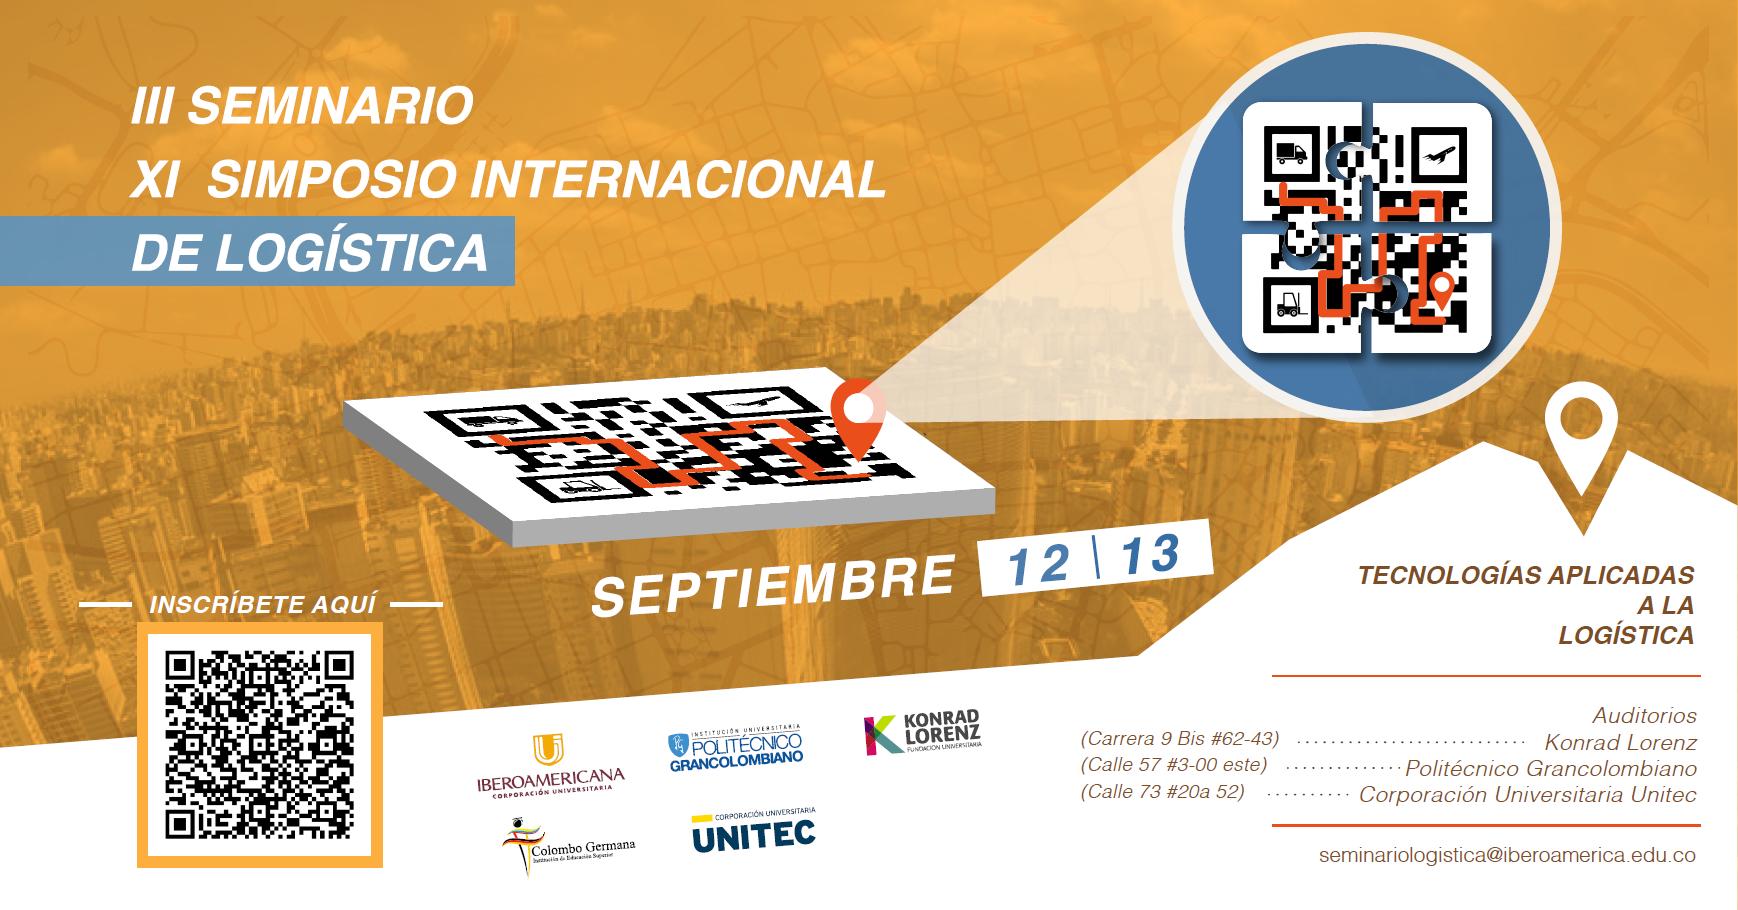 III Seminario y IX Simposio Internacional de Logística